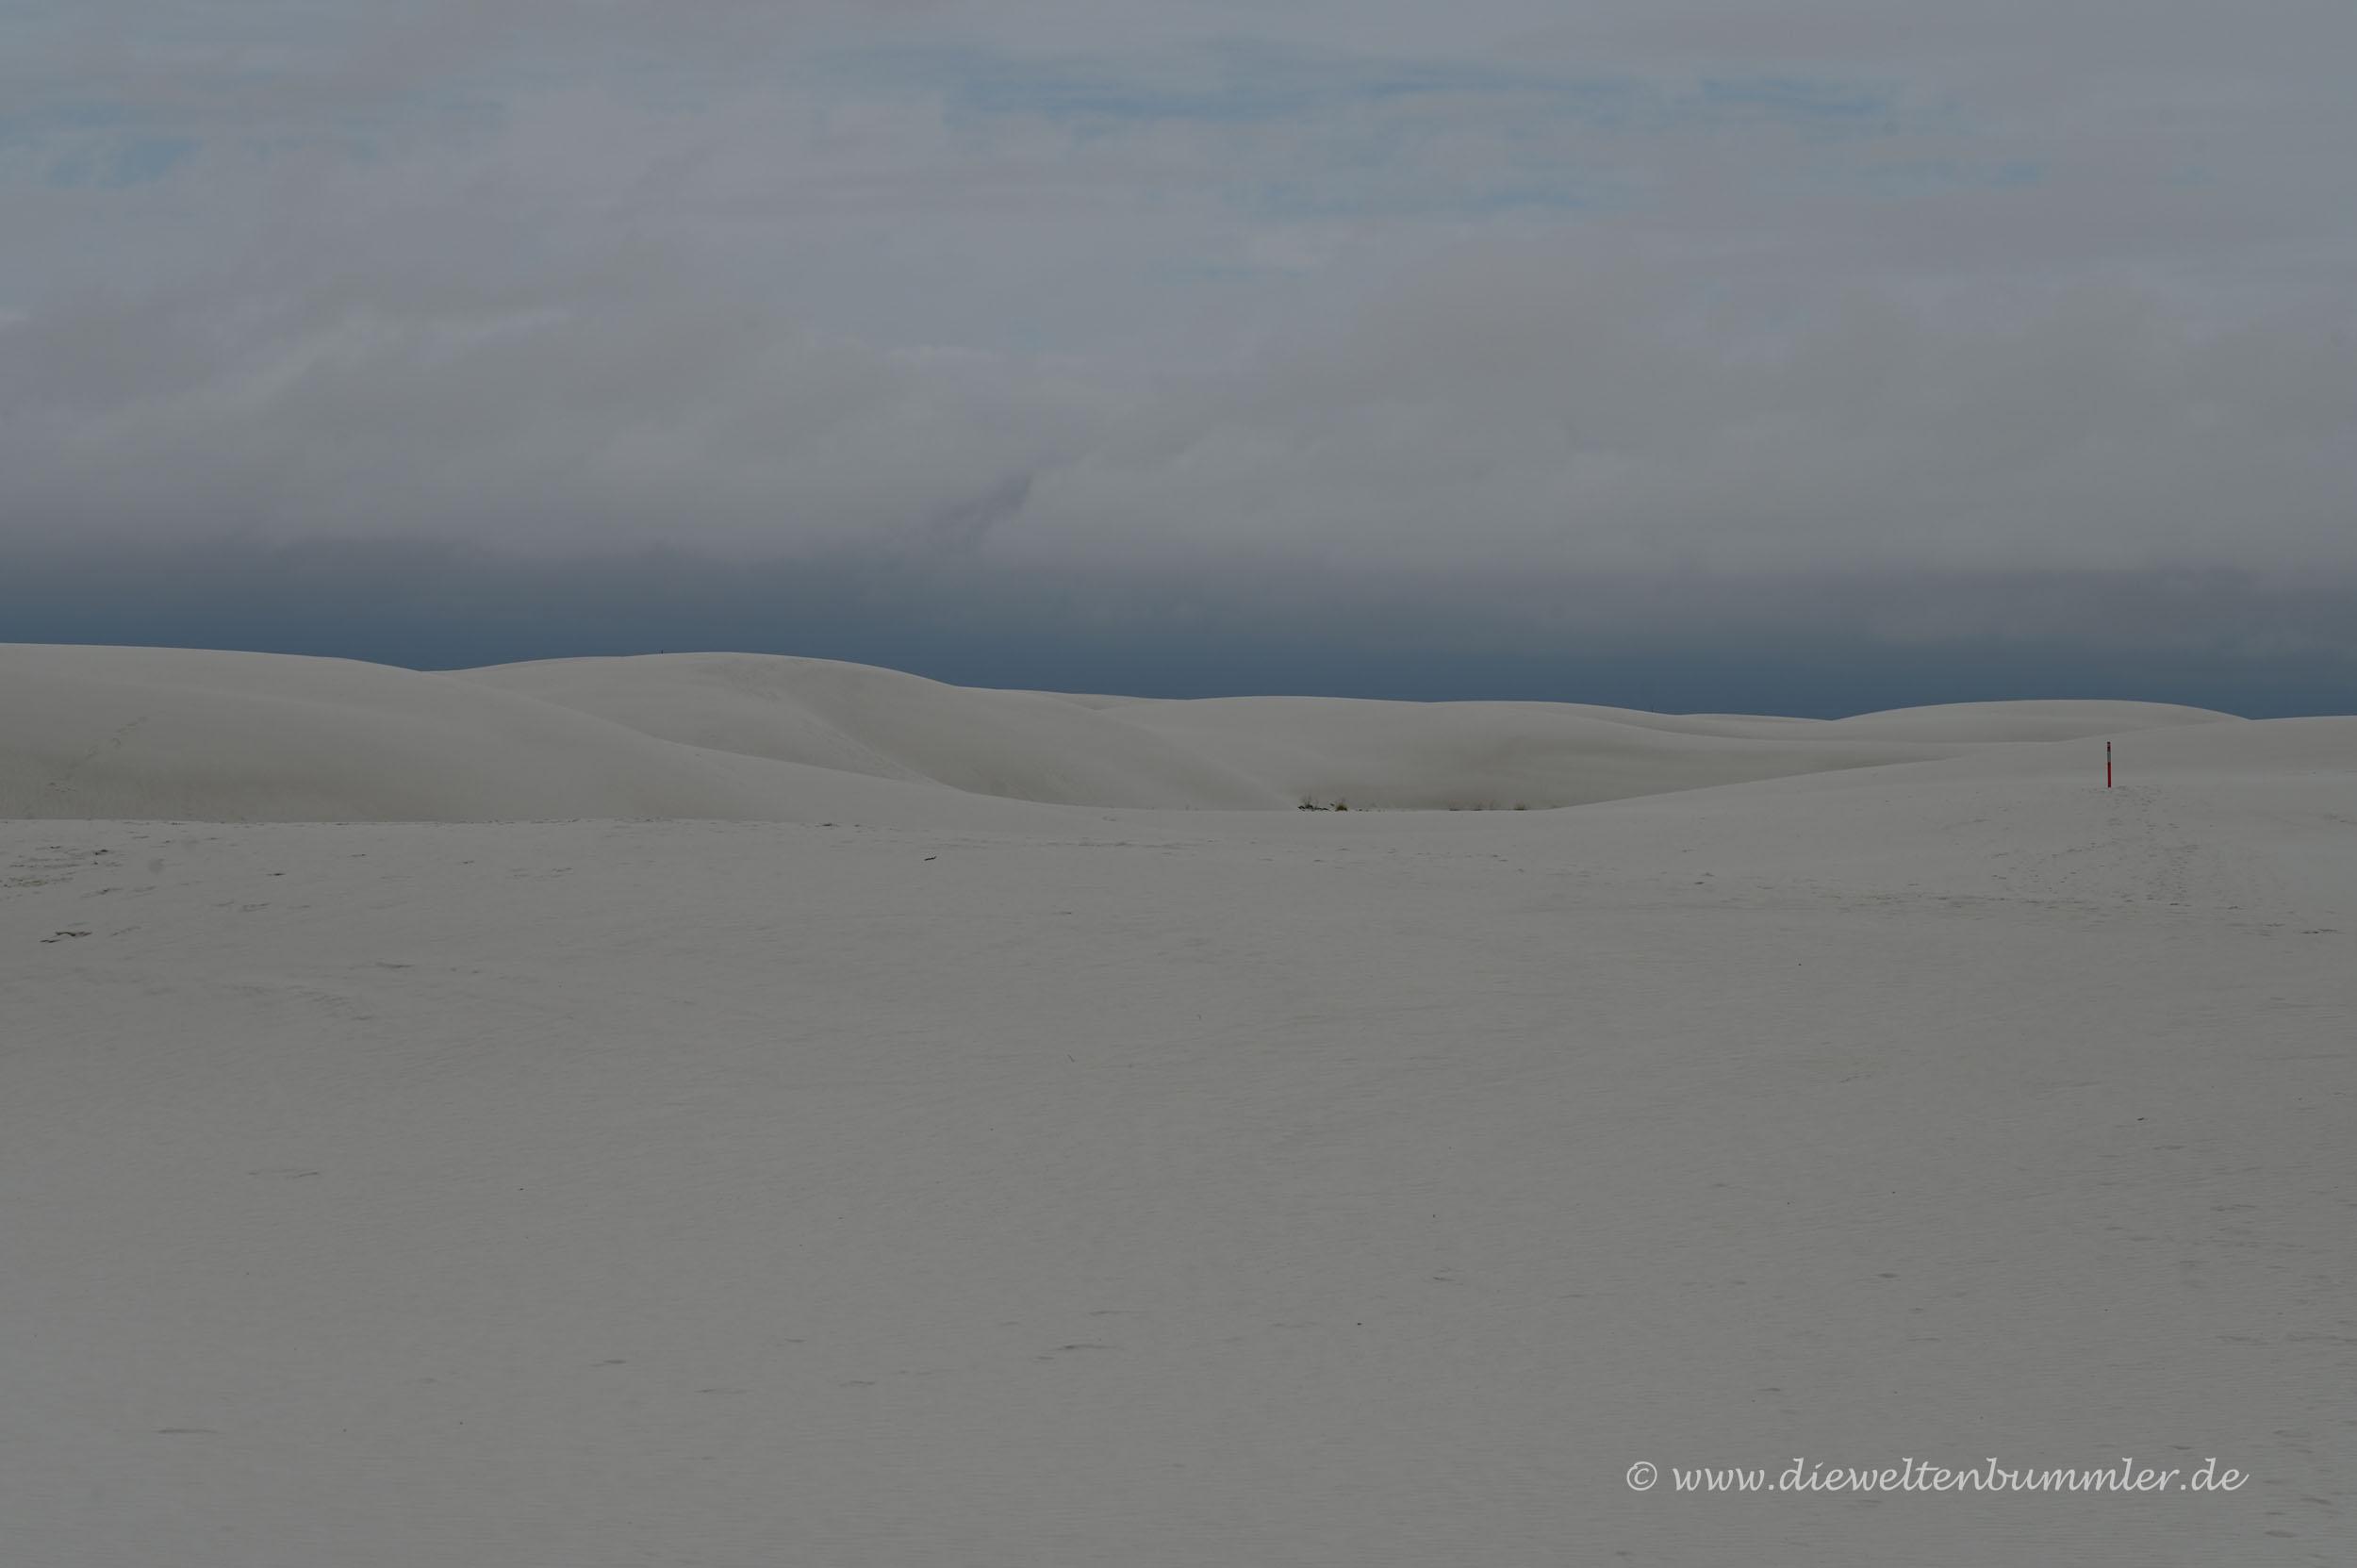 Regenwolken über der Wüste